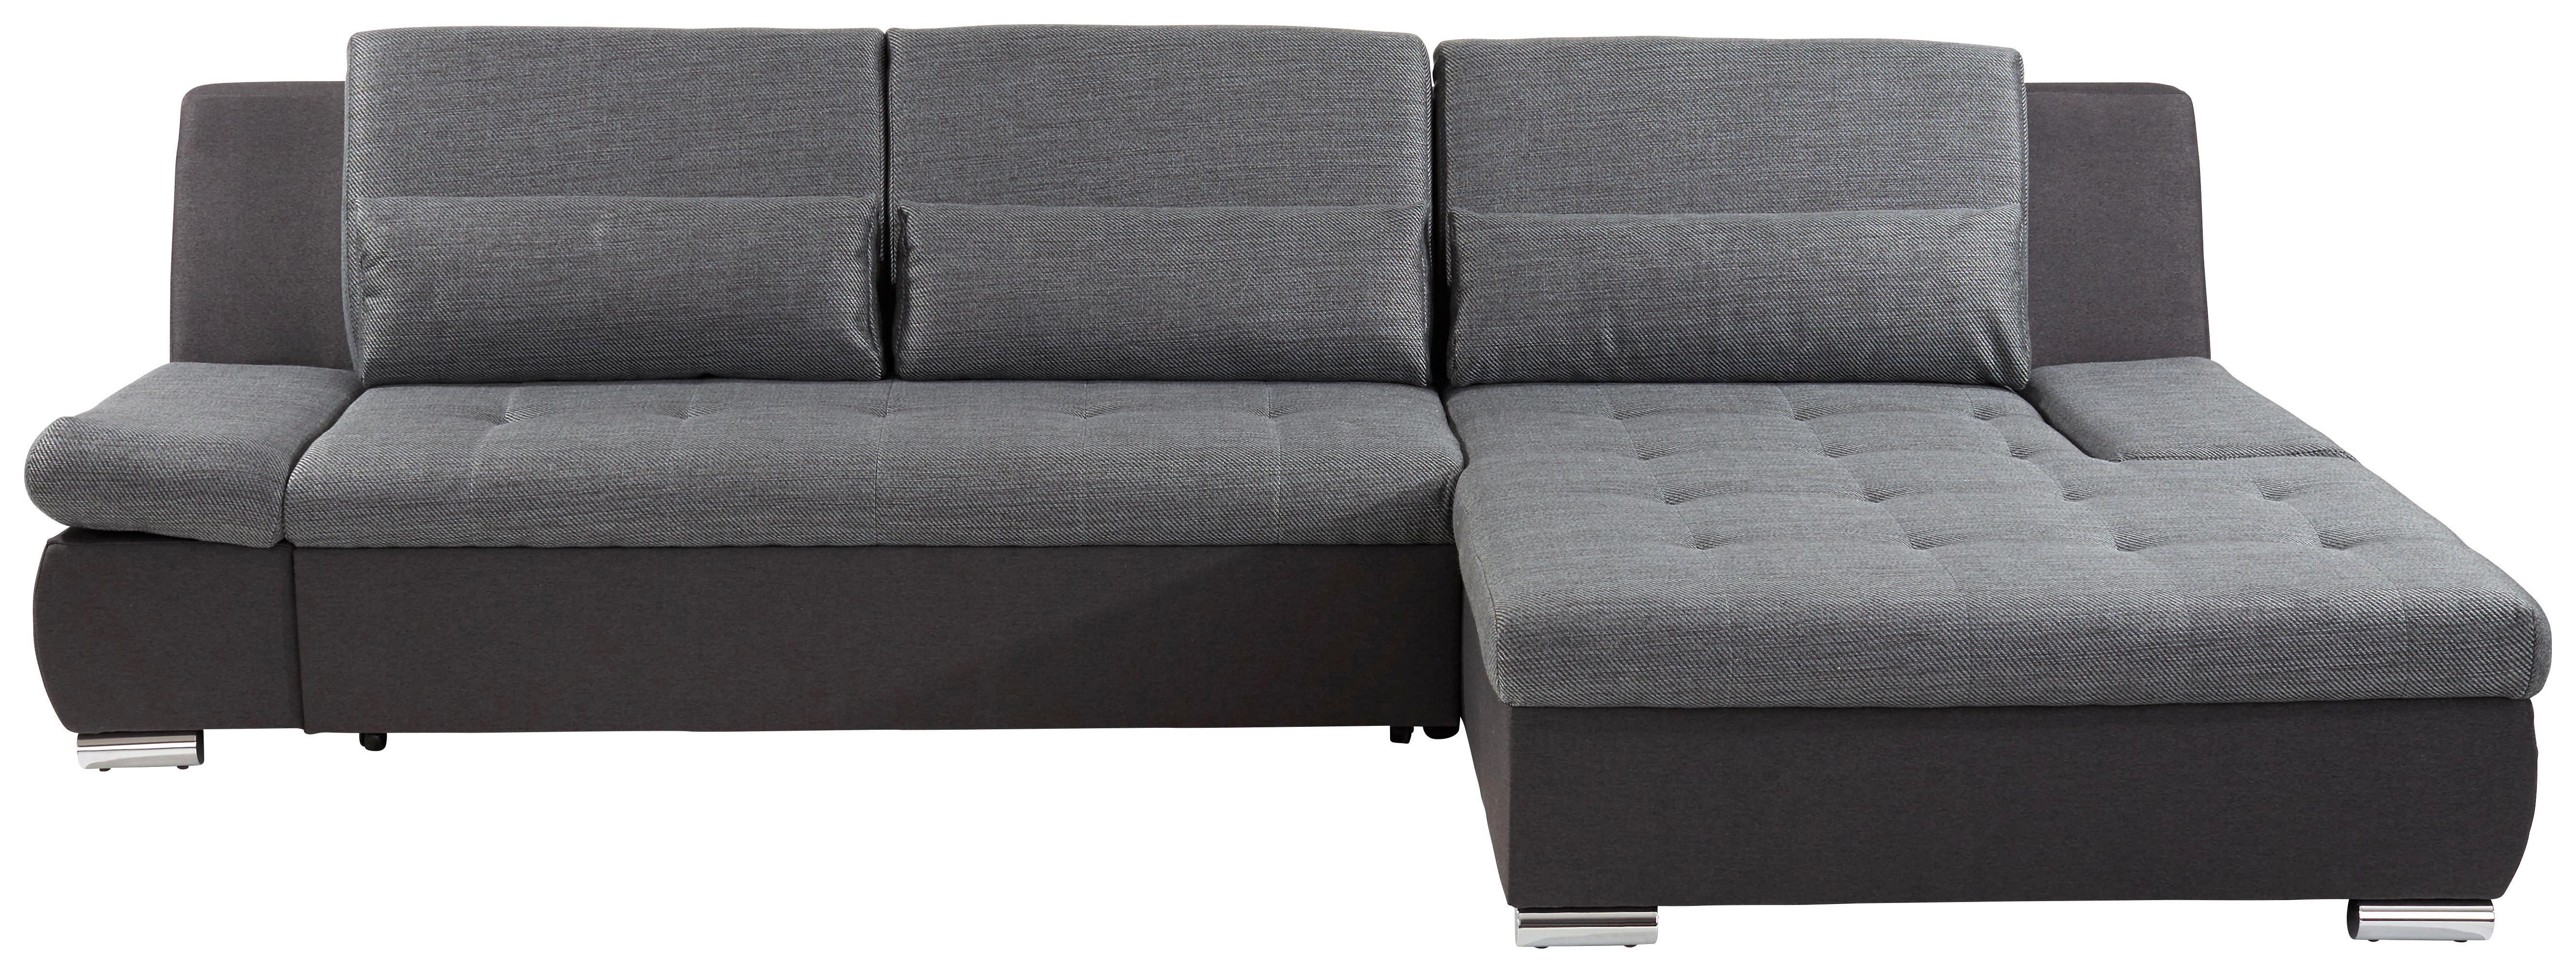 Sarokgarnitúra City - sötétszürke/szürke, modern, textil (292/171cm)